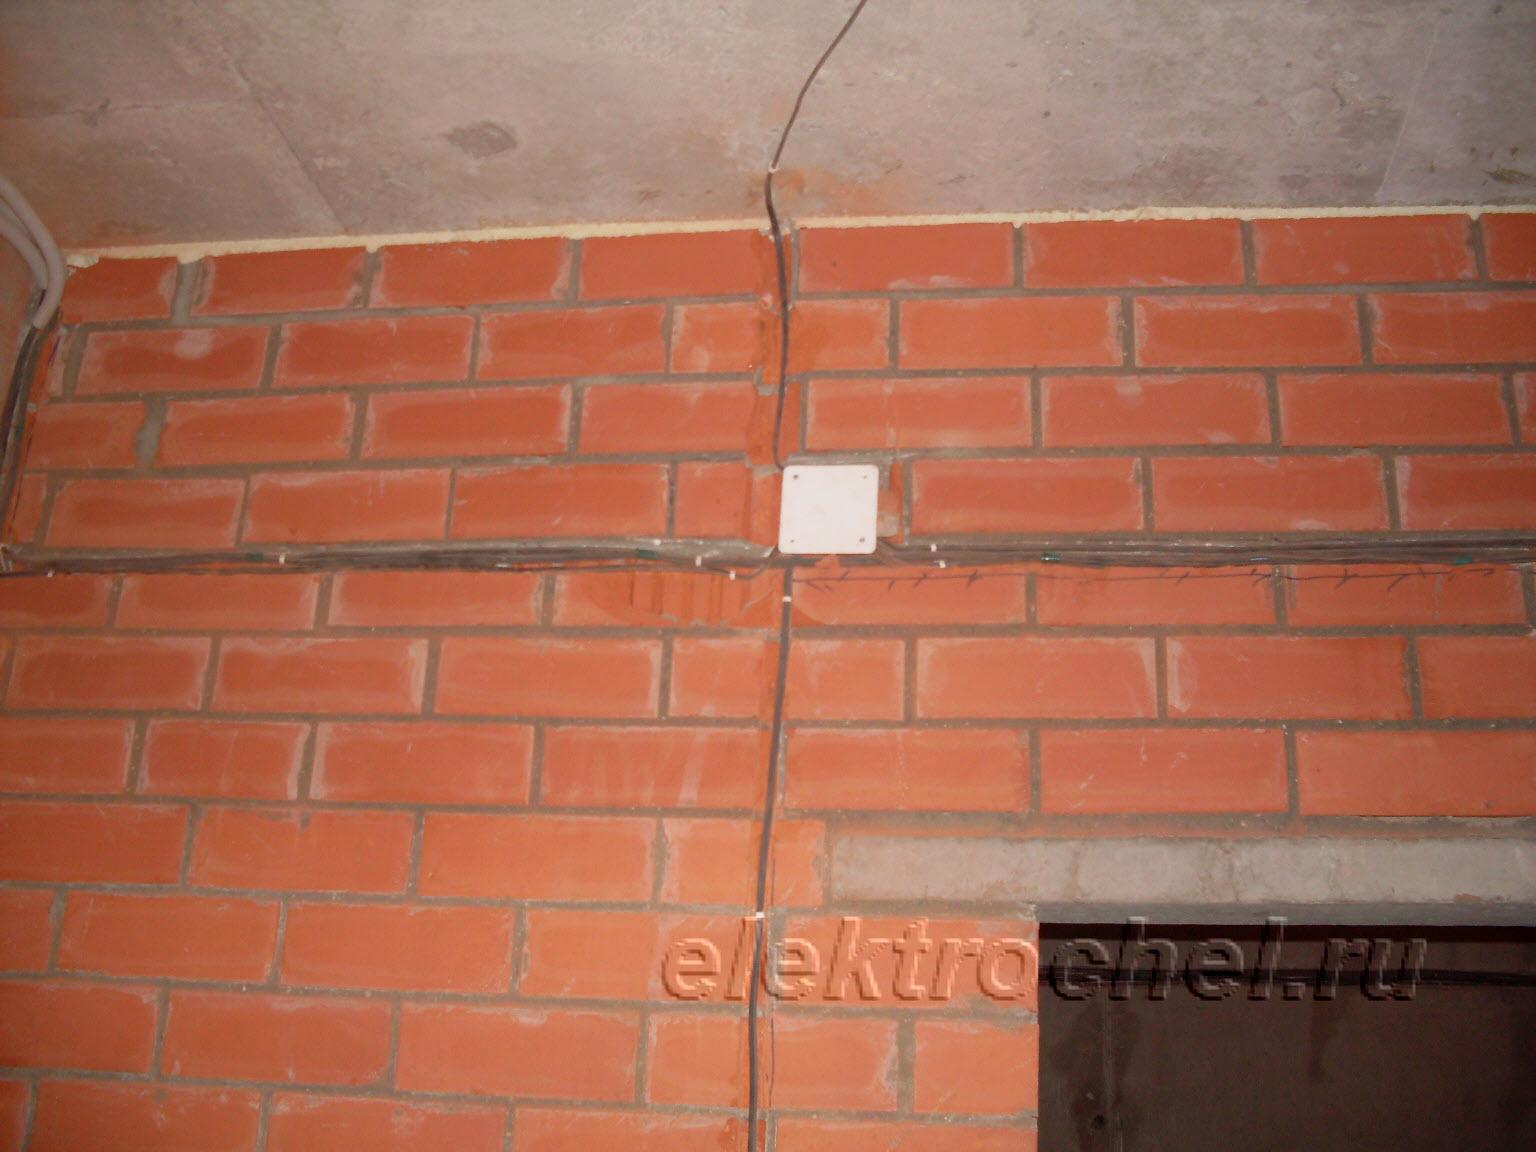 Монтаж кабеля по кирпичным стенам